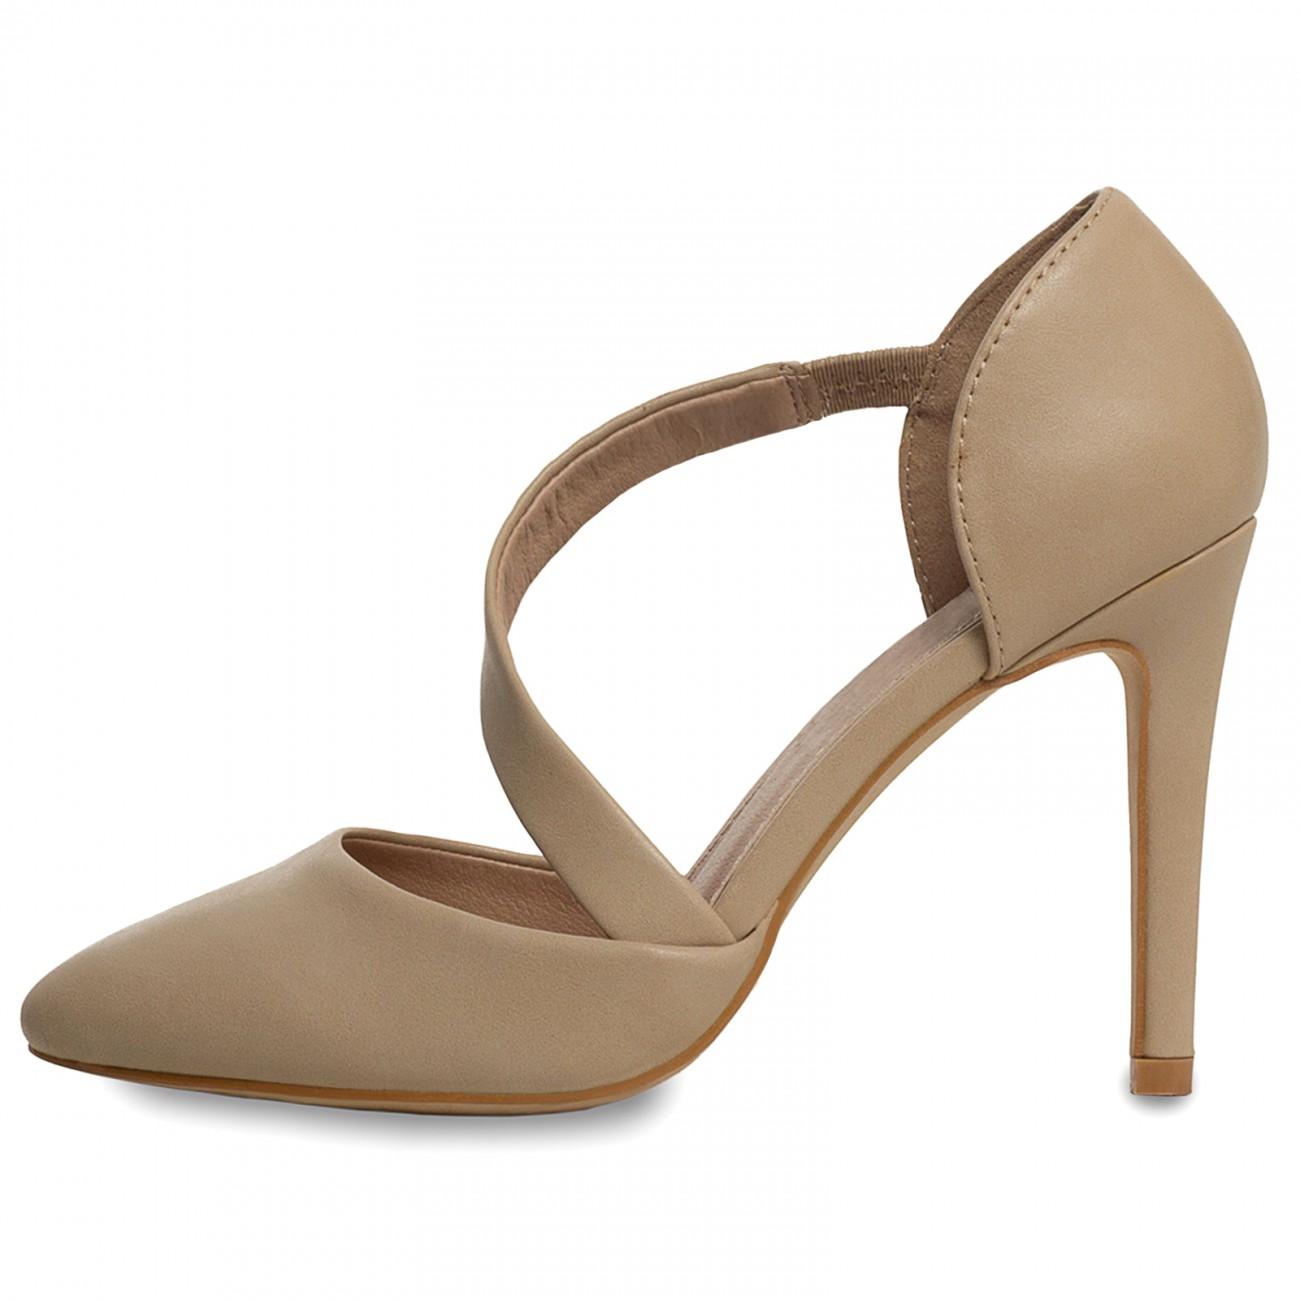 CASPAR Damen High Heels Pumps mit hohem Absatz und